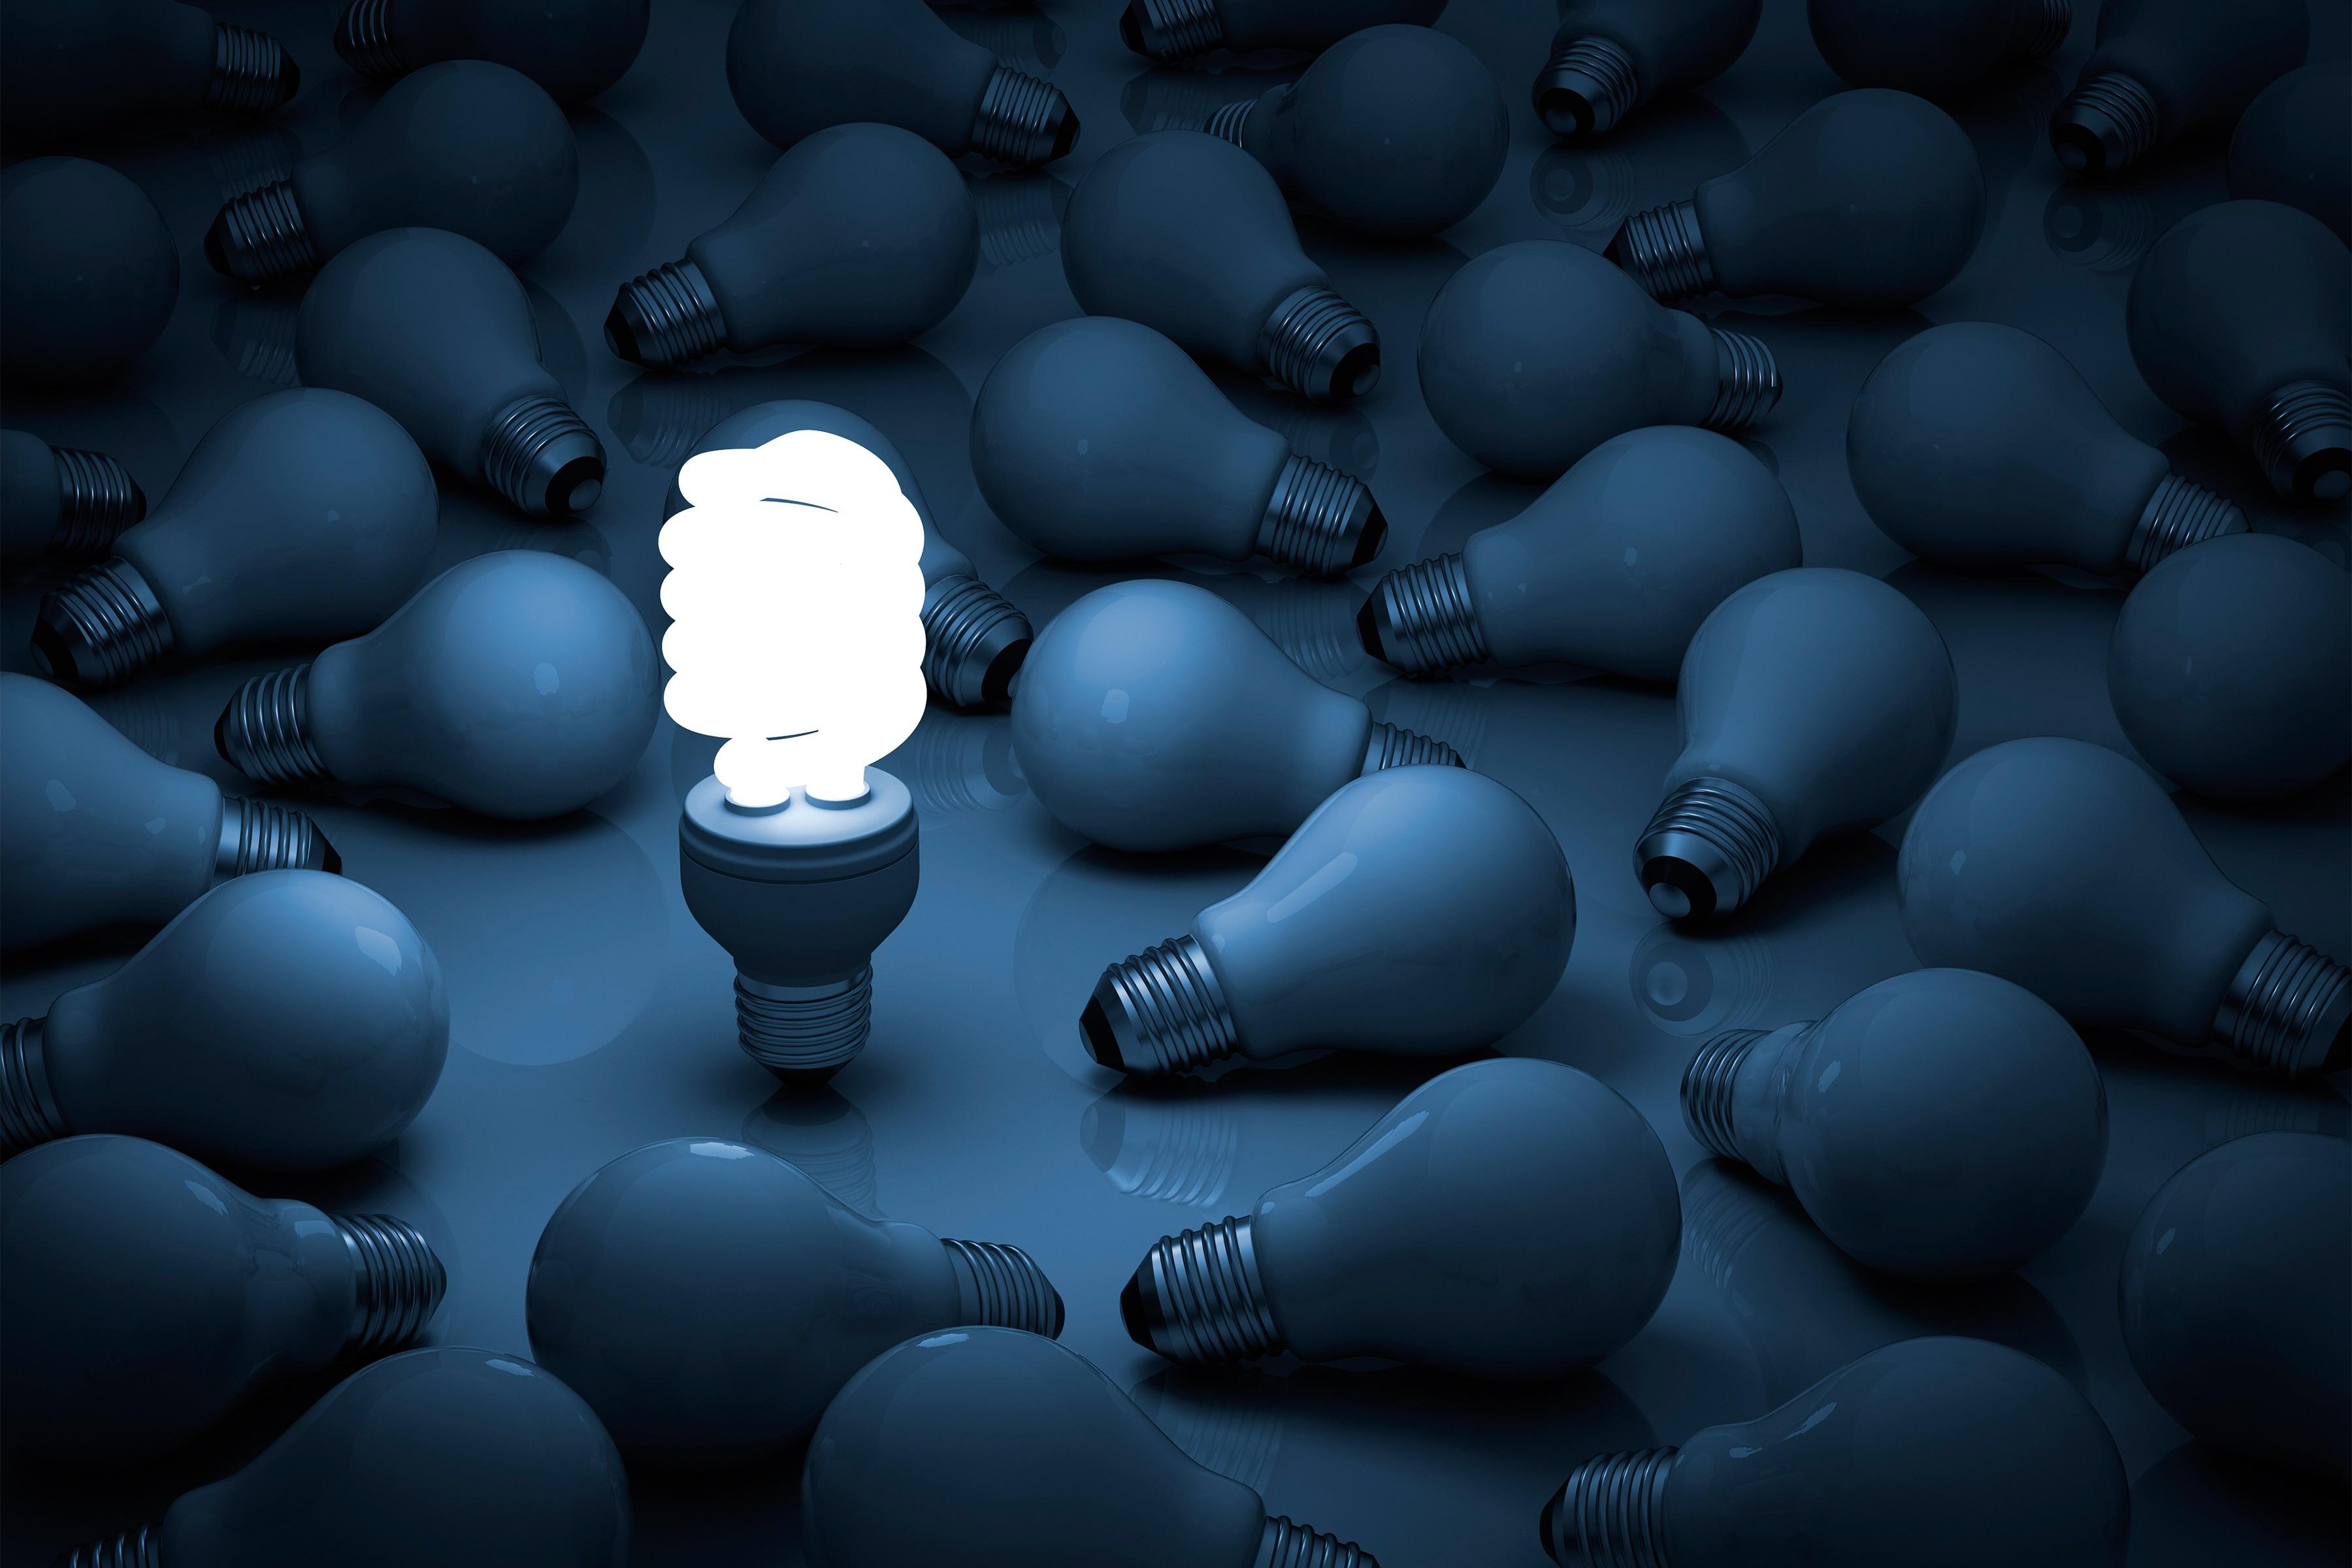 Despliegue de soluciones tecnológicas fundamentalmente eficientes - Featured Image